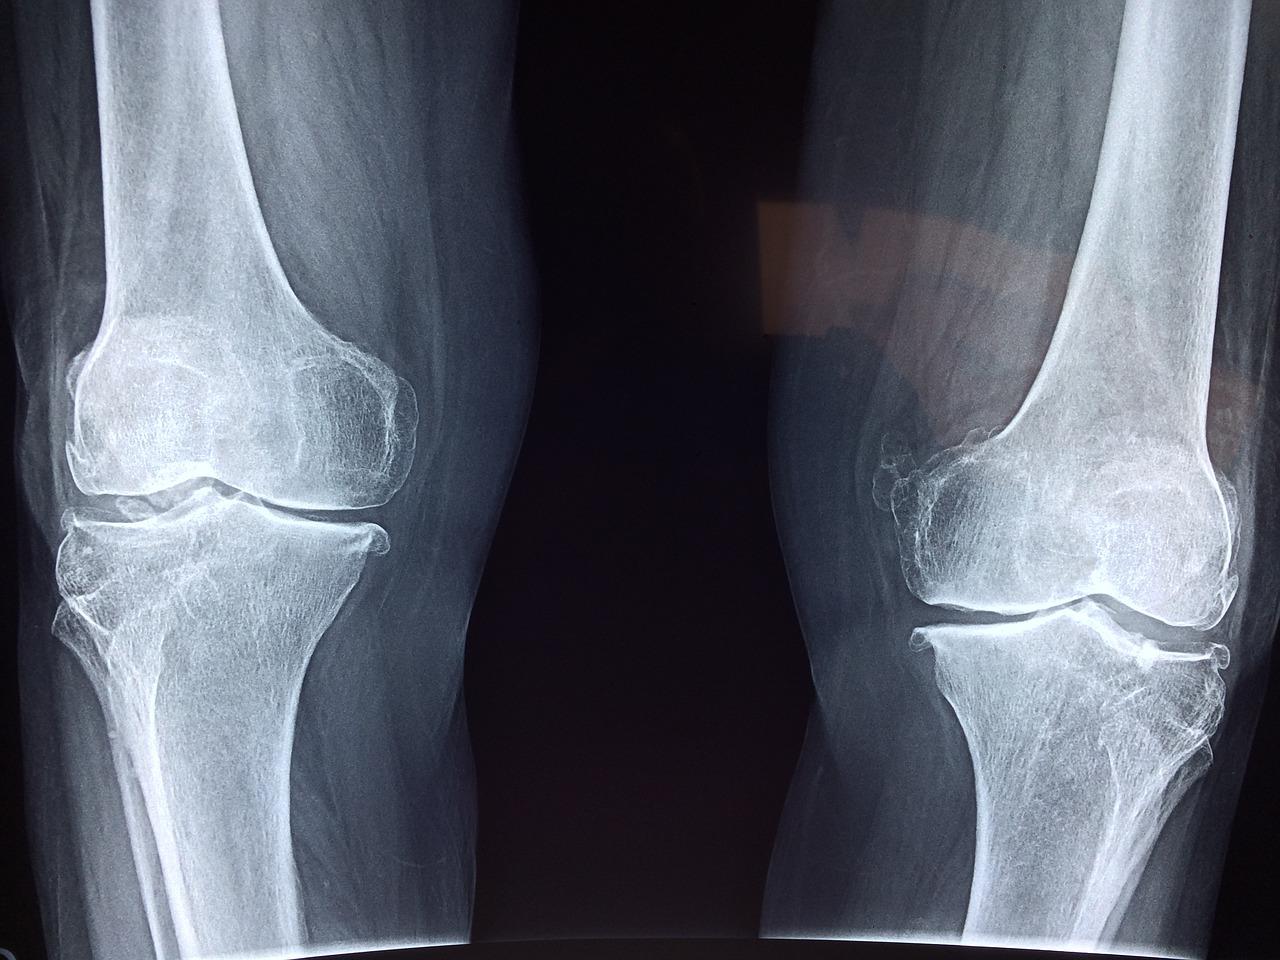 Powrót do zdrowia. Sklep medyczny ortopedyczny – rehabilitacja kolana Kraków